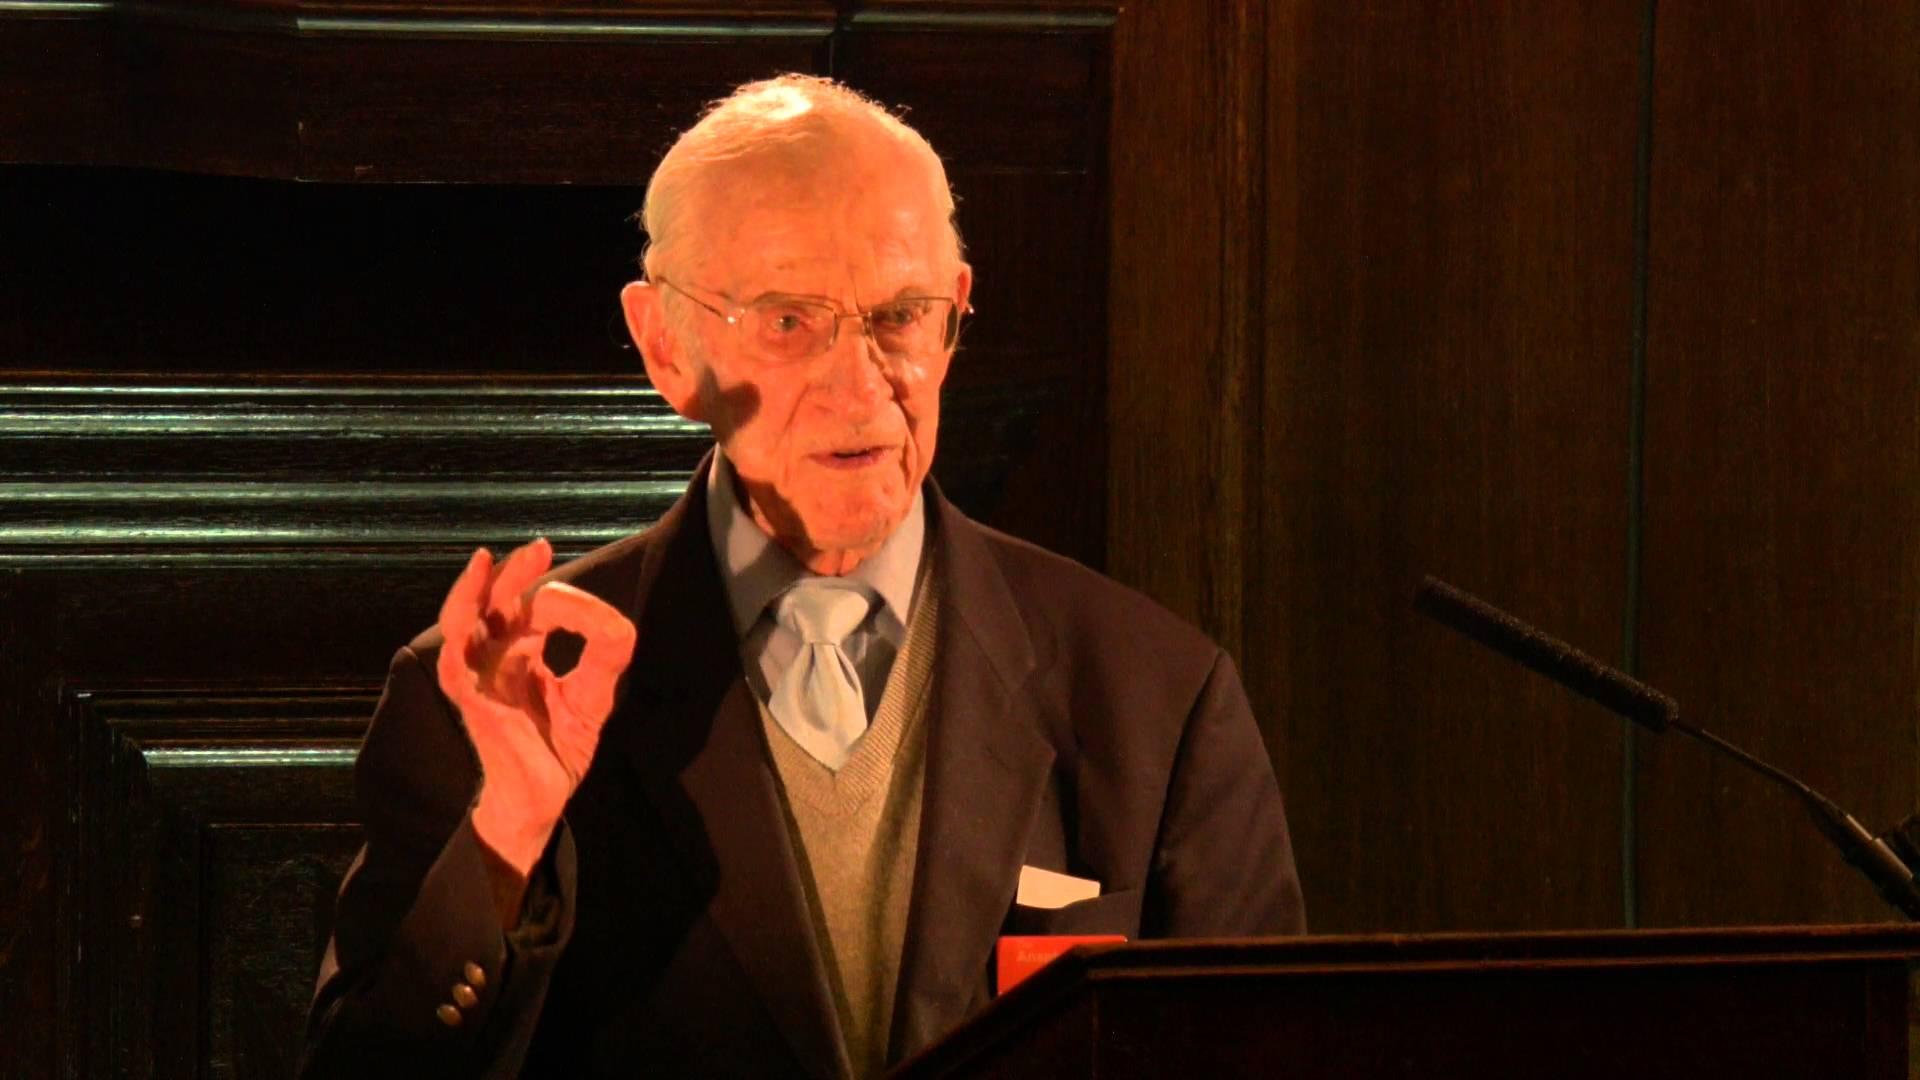 Veterano da 2ª Guerra Mundial, o médico mais velho da Grã-Bretanha revela o segredo de viver tanto tempo